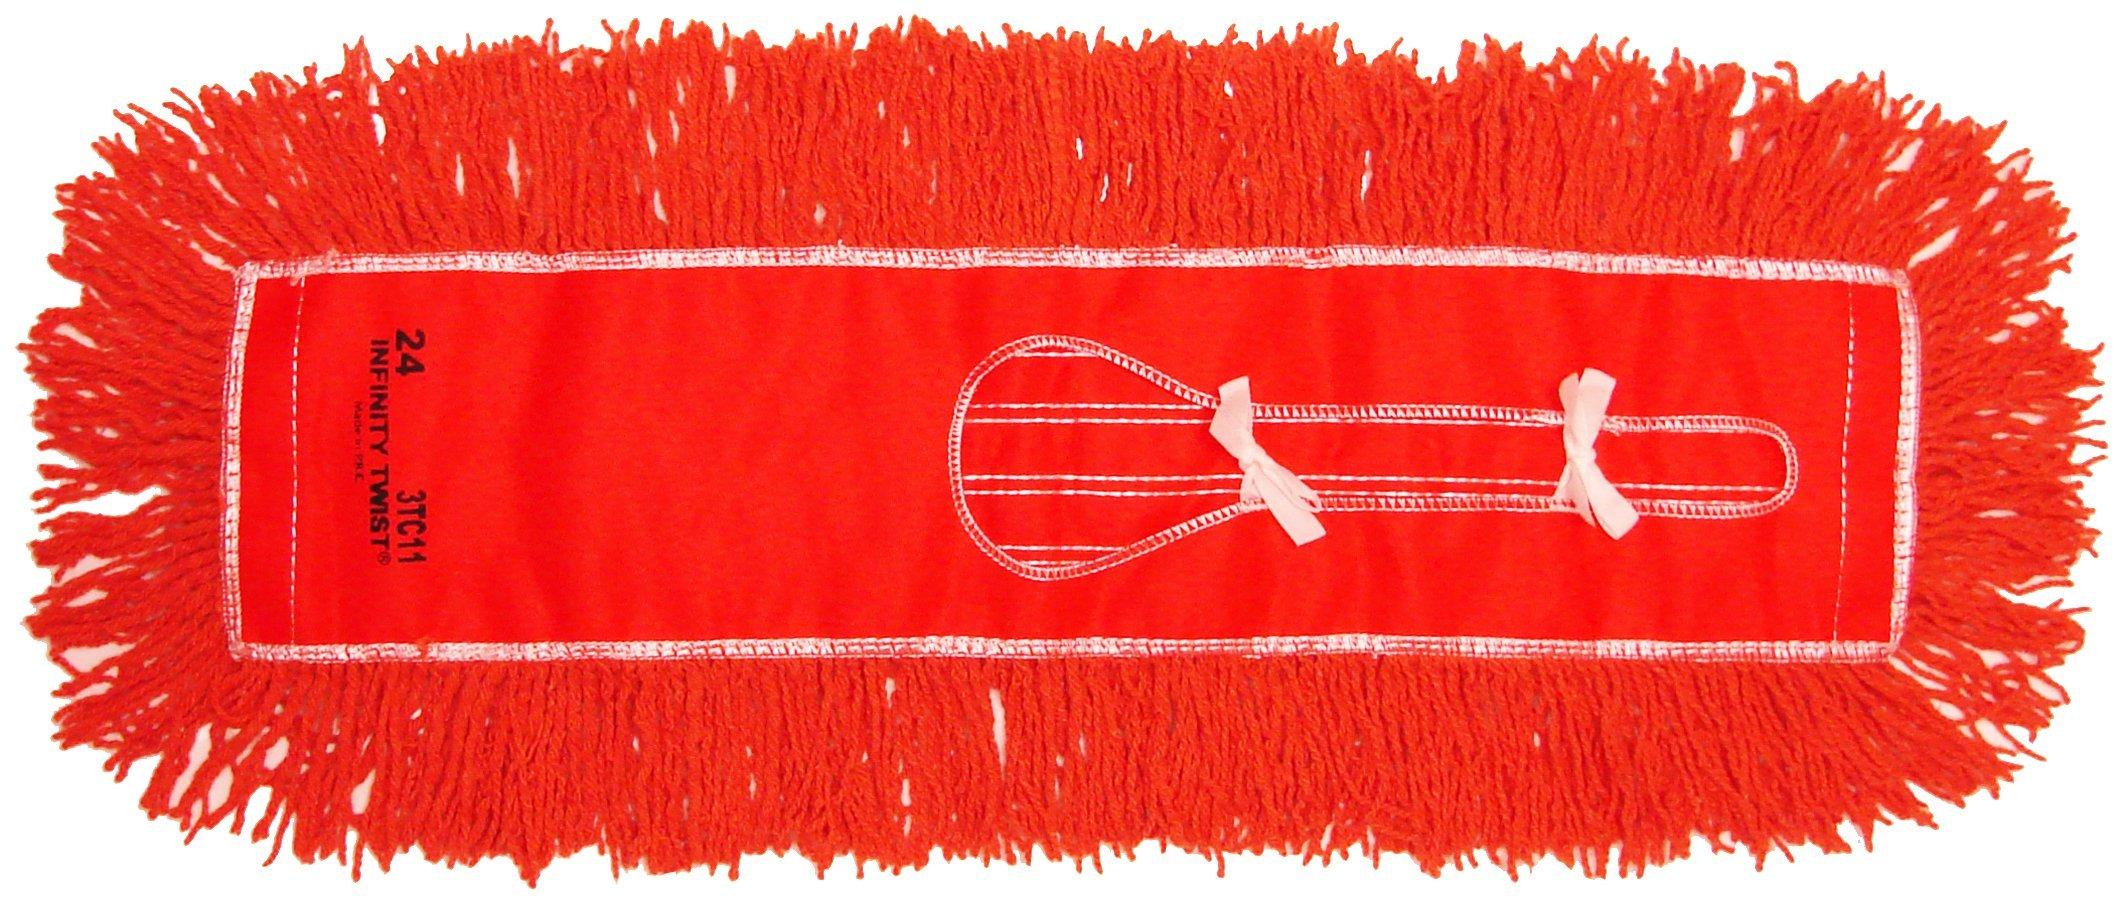 Golden Star AJU24CITO Jumbo Infinity Twist Dust Mop Head, 5'' x 24'', Orange (Pack of 12)